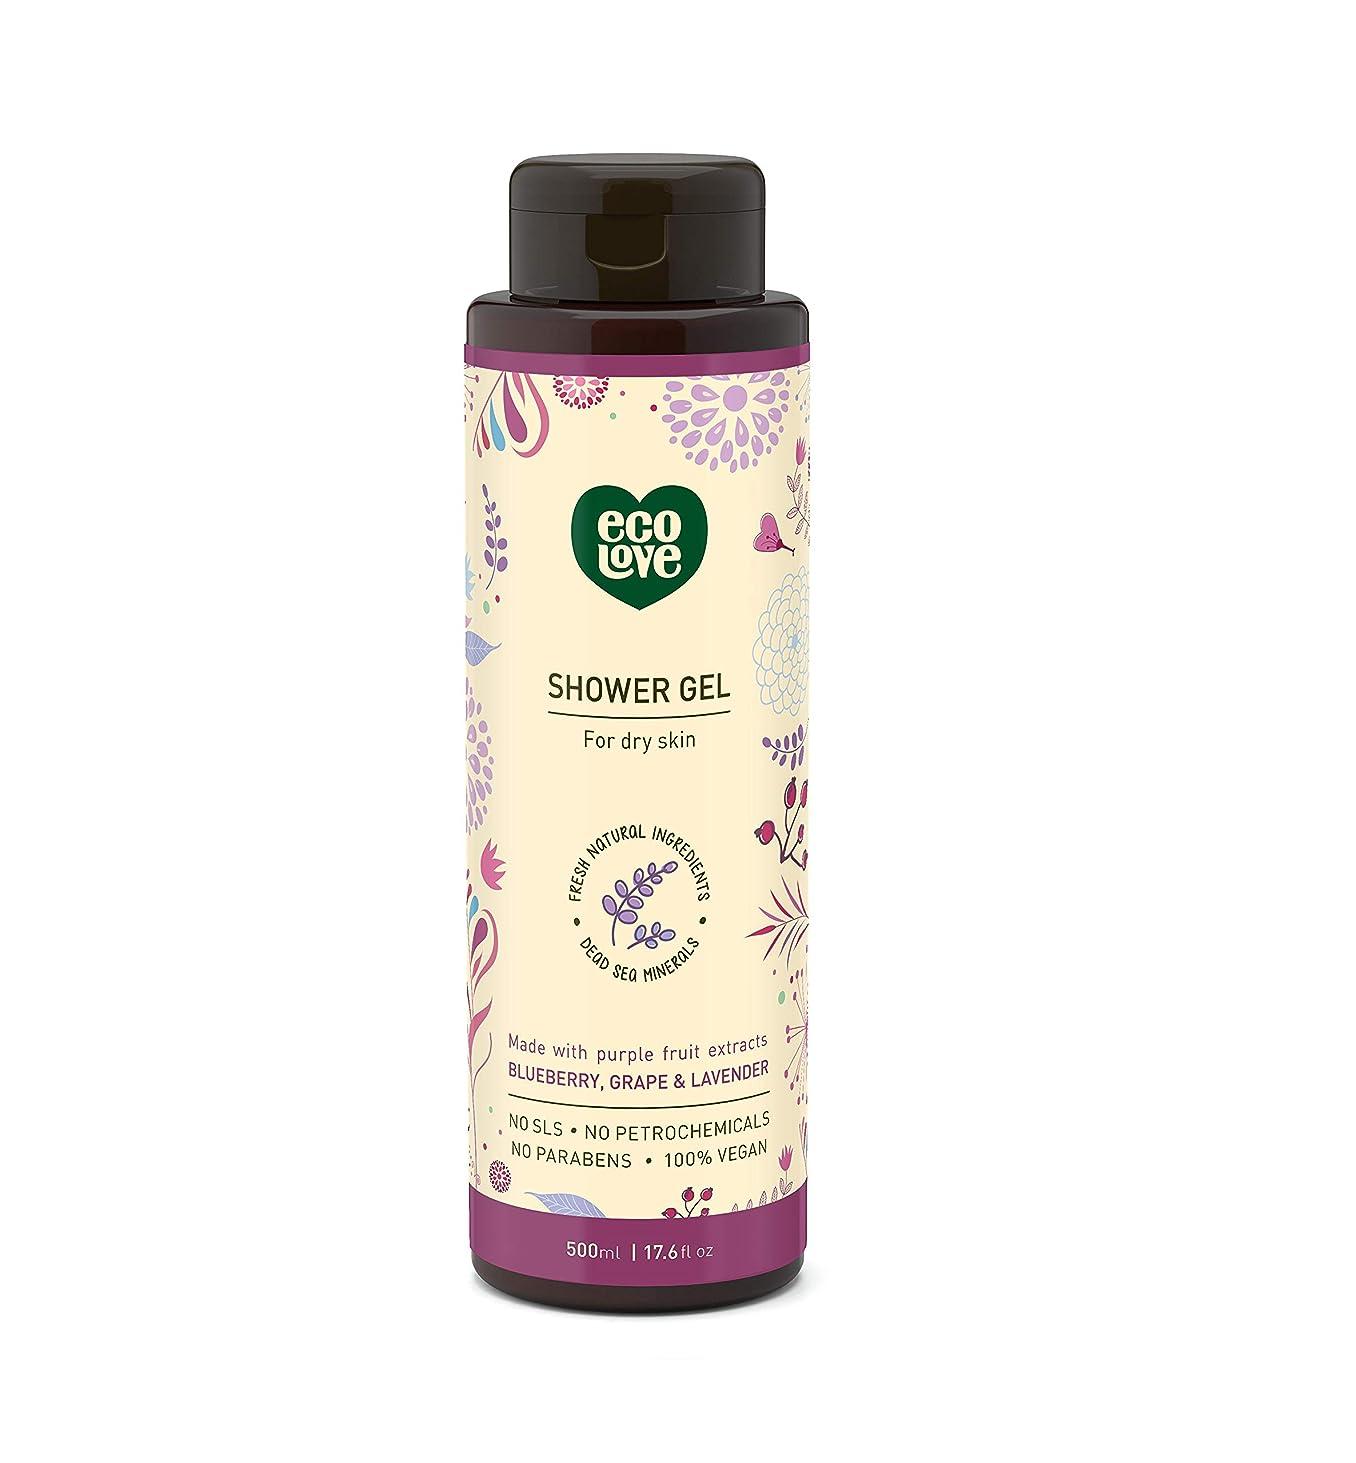 ジェット症状電気的Shower Gel for Dry Skin 17.6 oz.?500 ml